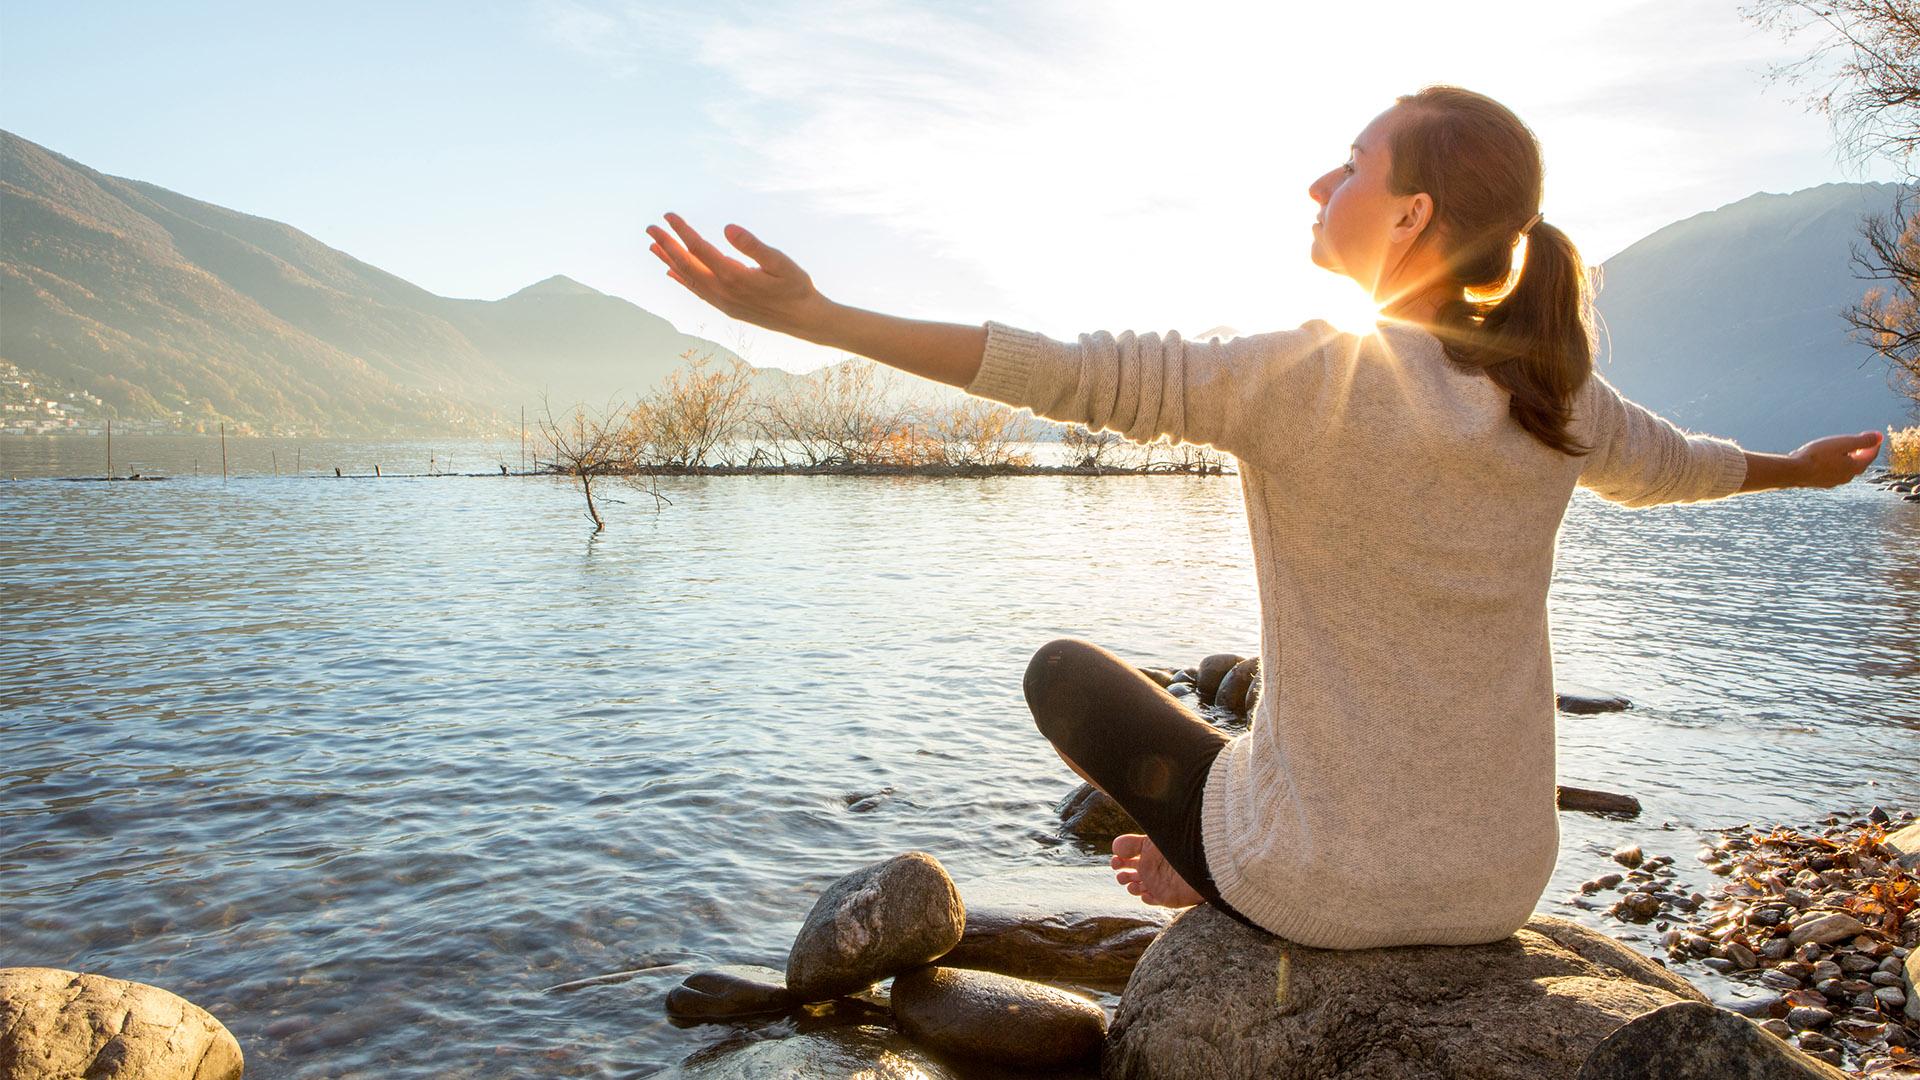 barátok bata kata filmek gondoskodás illatok kisállatok lélek mosoly mozgás öröm stressz takarítás természet test testi egészség